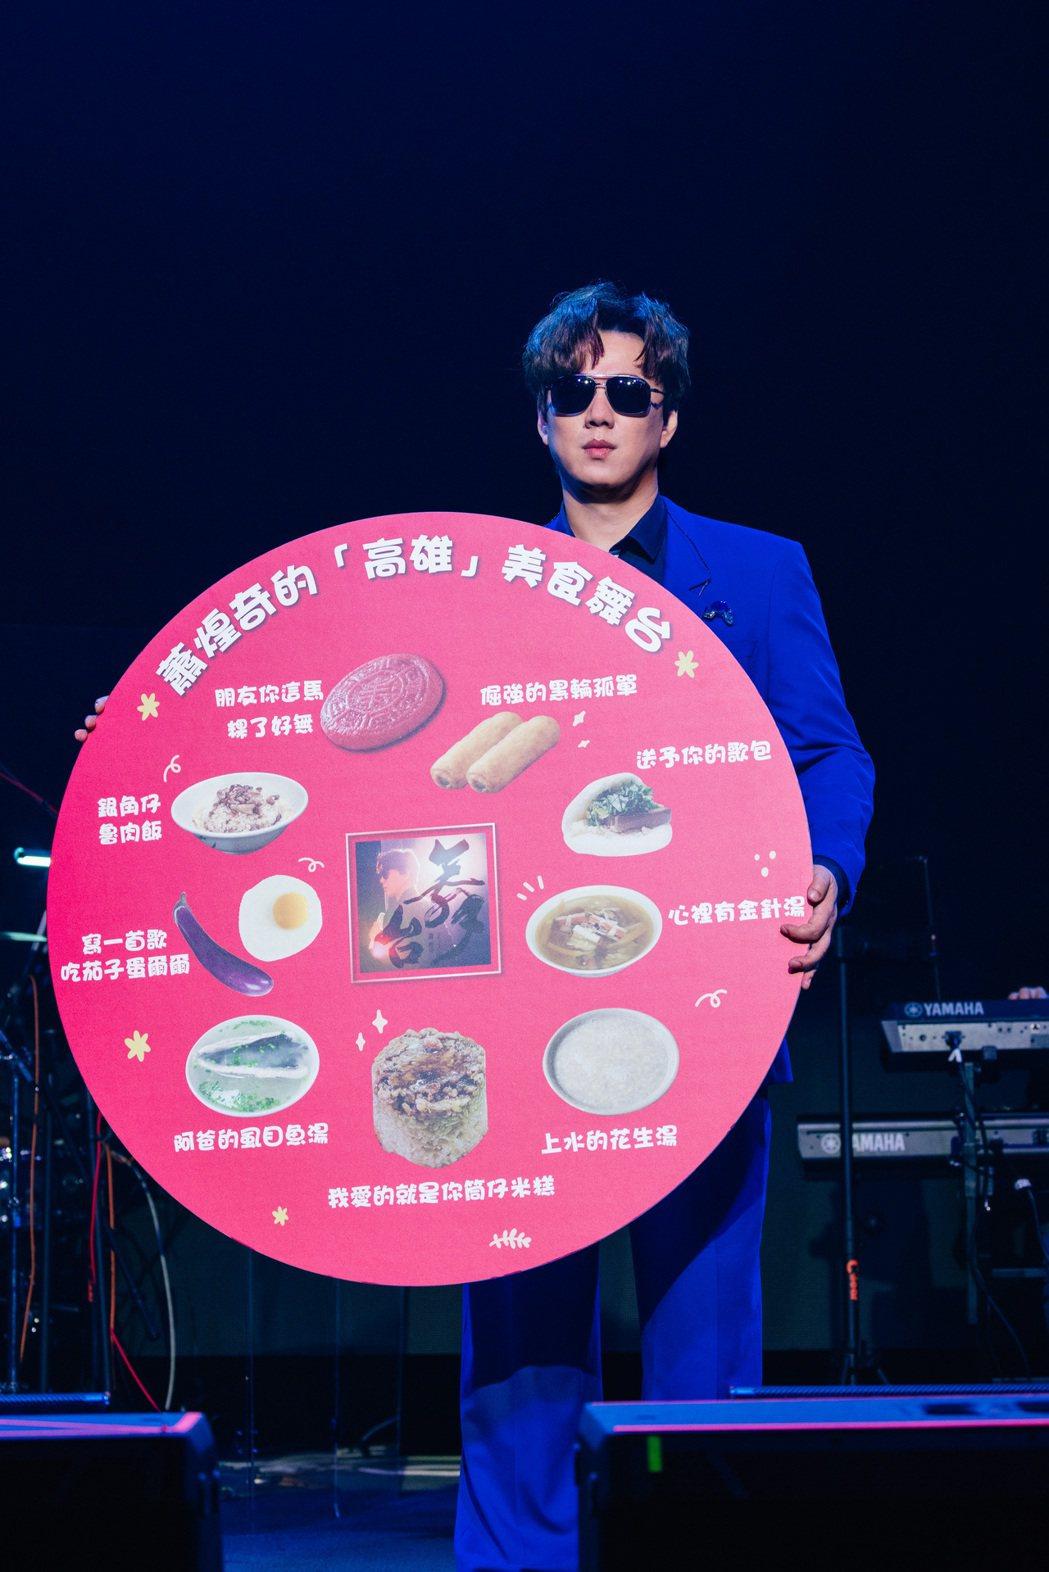 蕭煌奇24日在高雄舉行「舞台」巡演最終場。圖/環球音樂提供